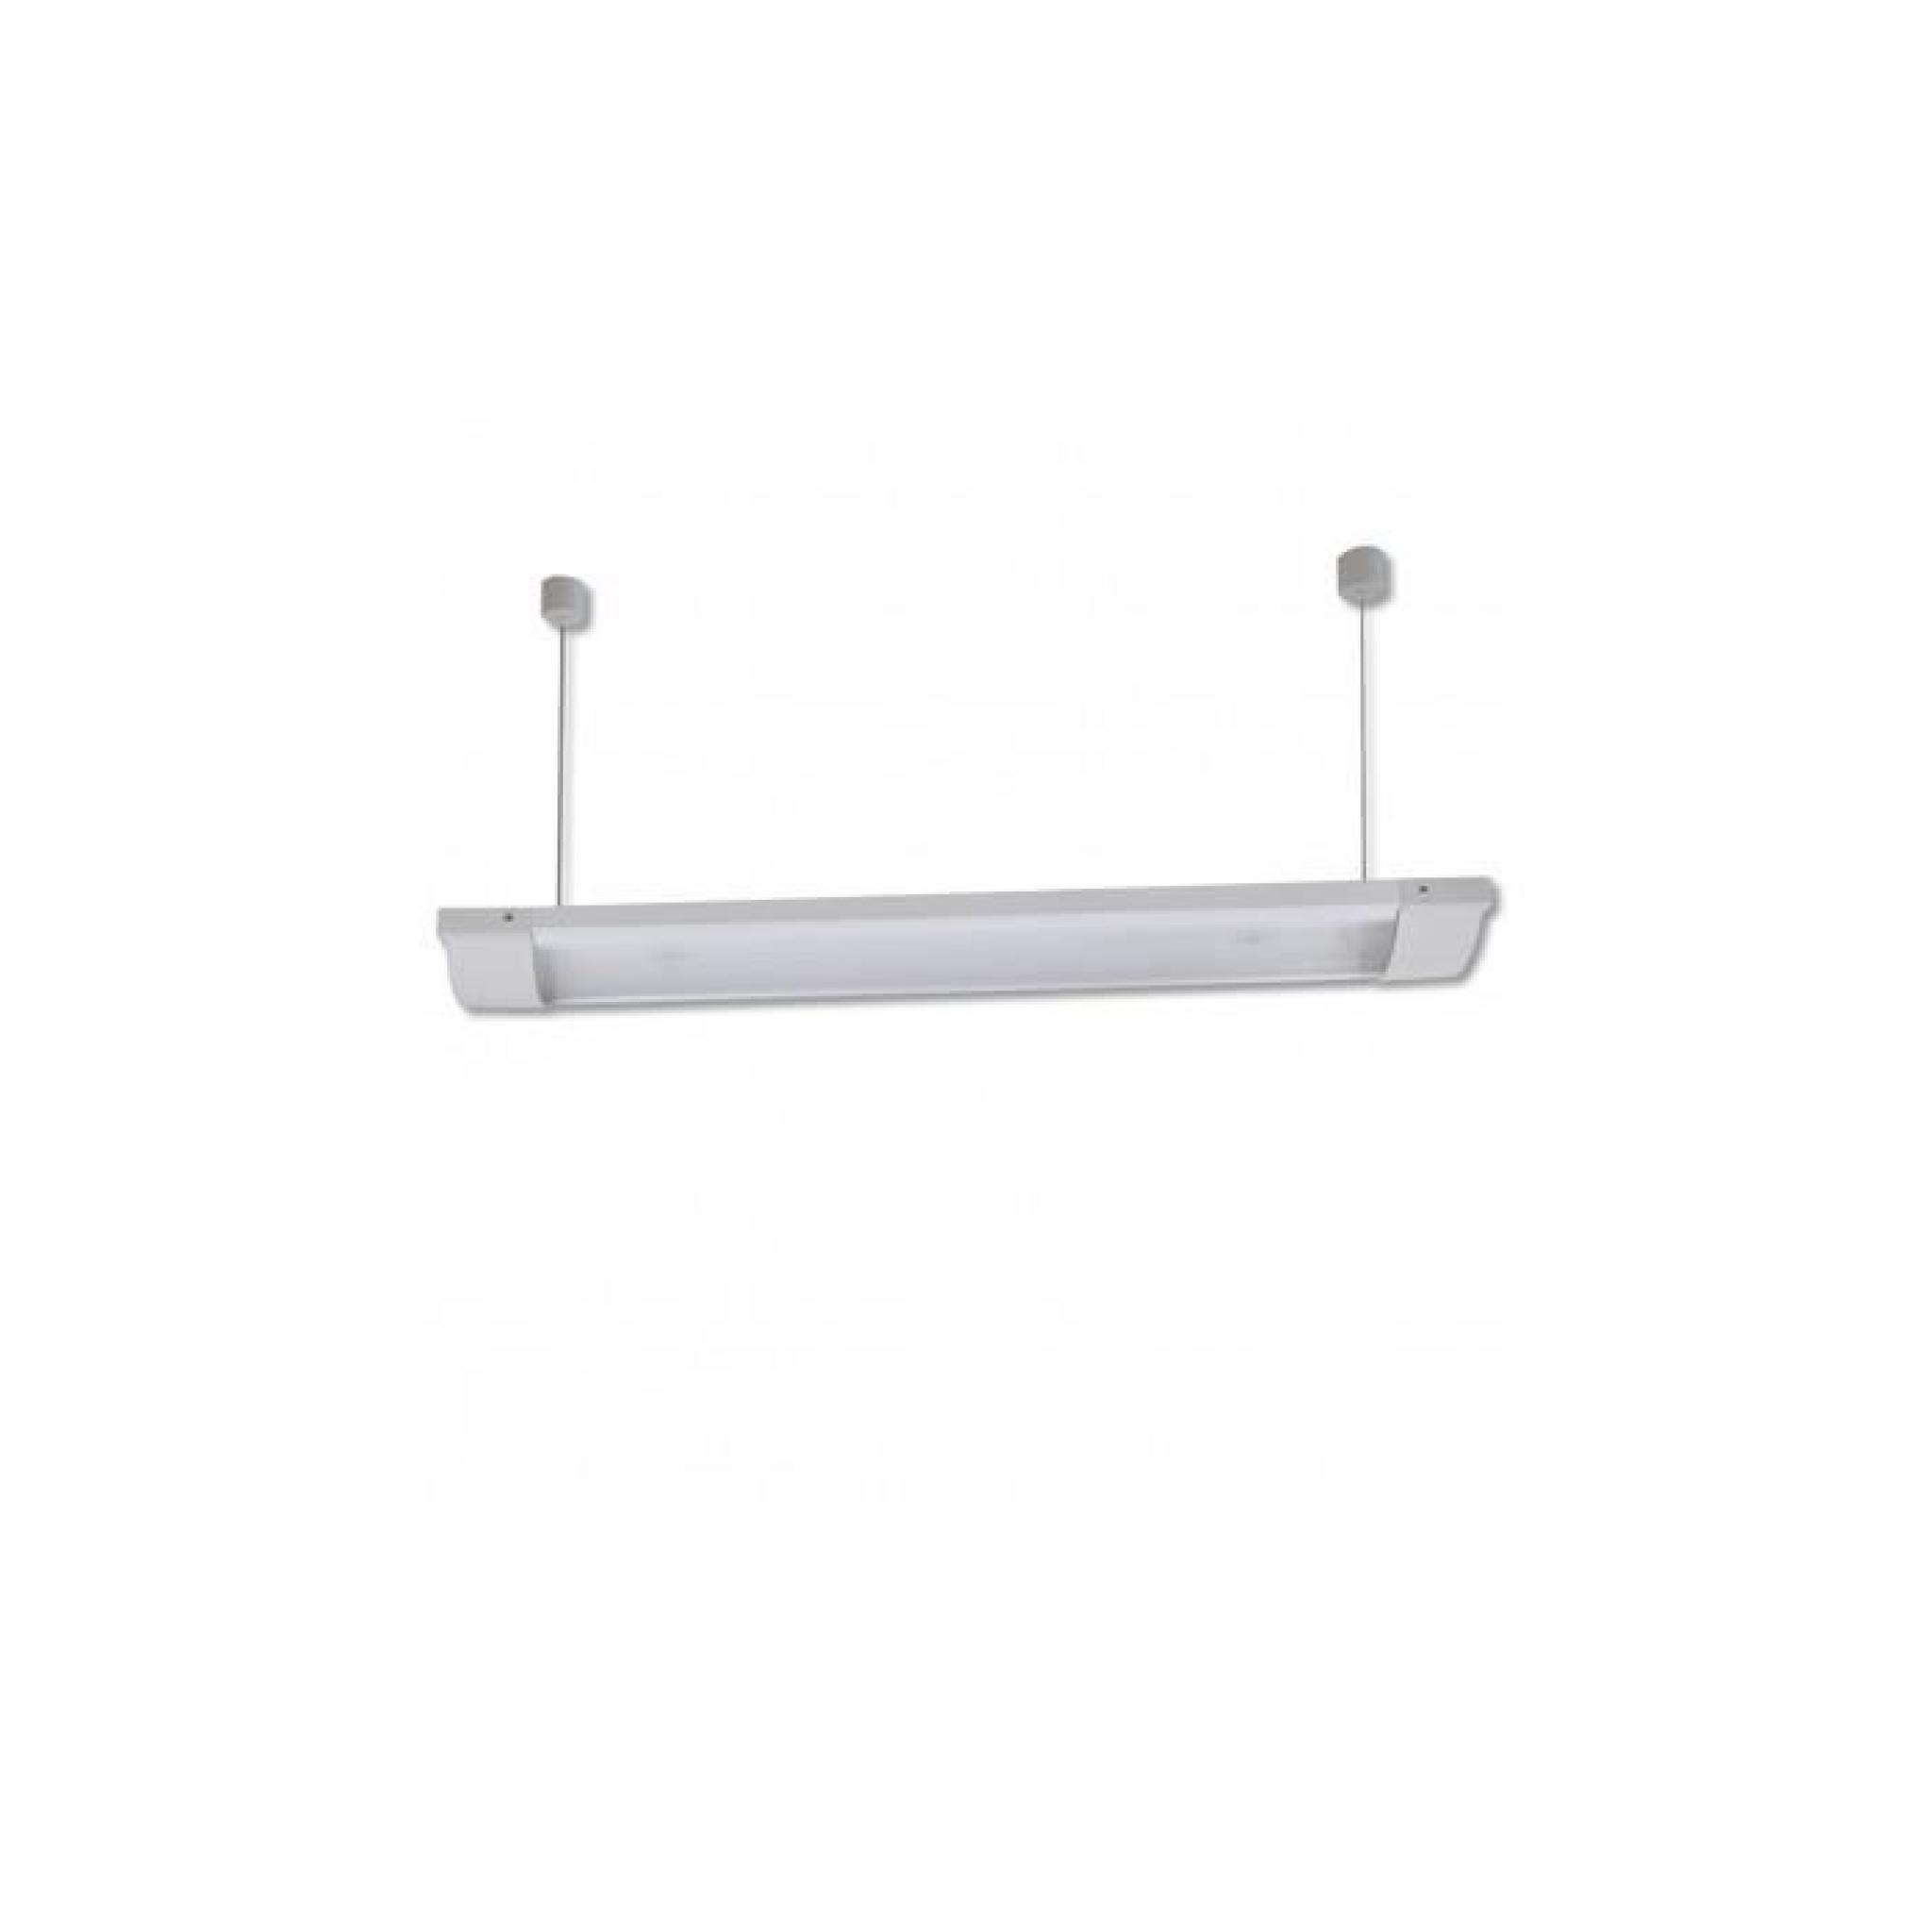 Froid 14 Au W De Lampe Led Accessoire Montage Plafond Blanc Avec YIbfyv76g